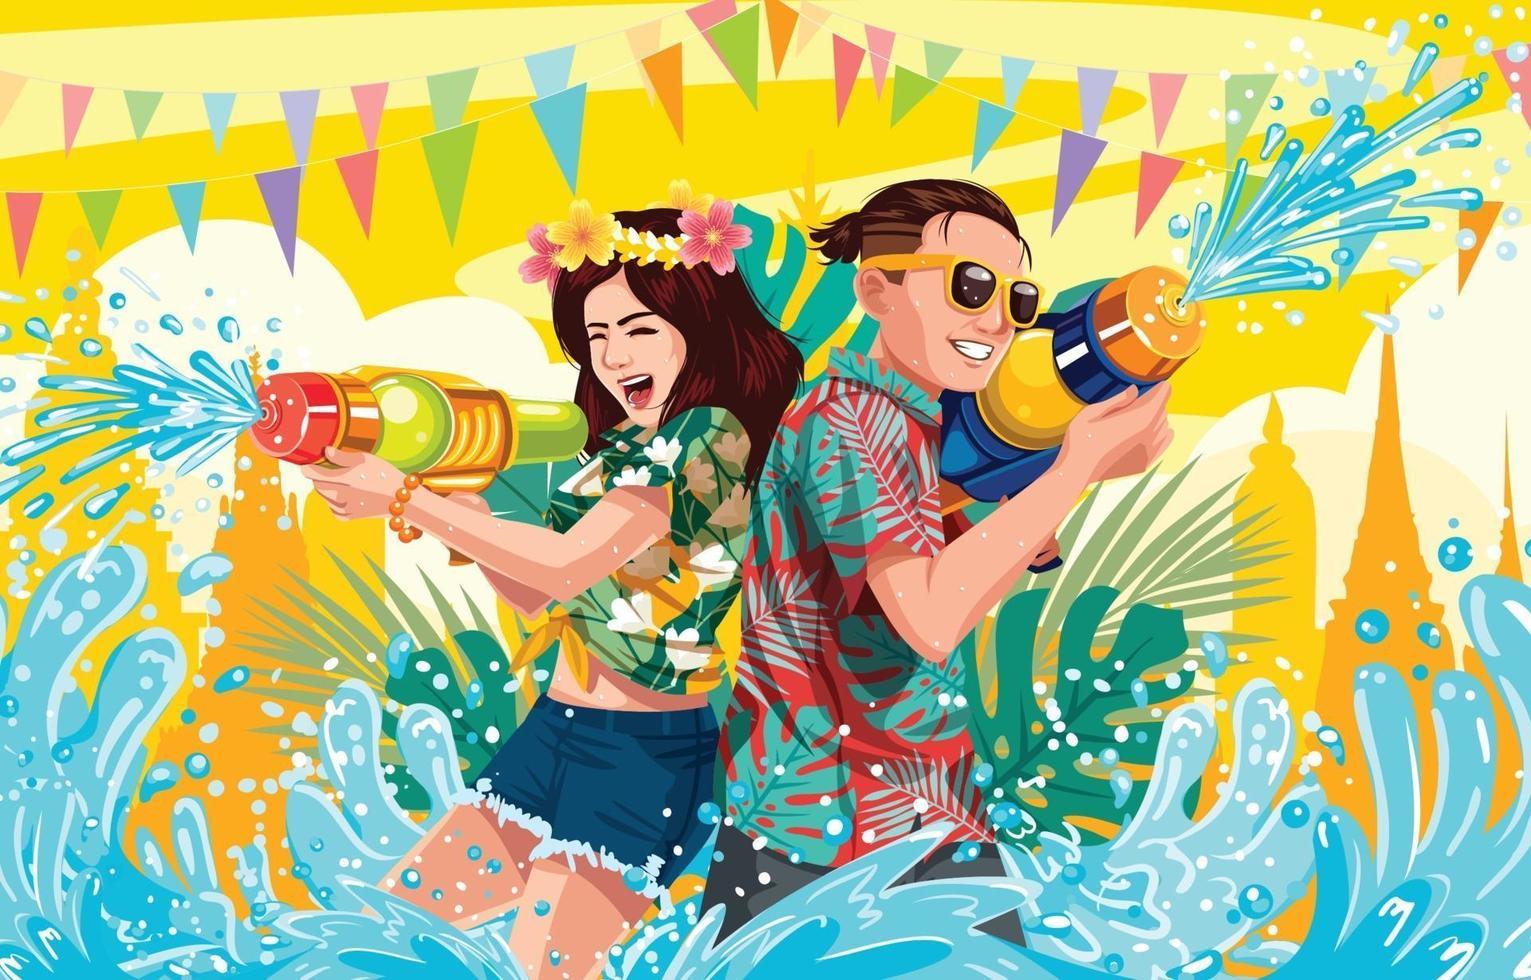 paar spelen waterpistool in songkran festival vector